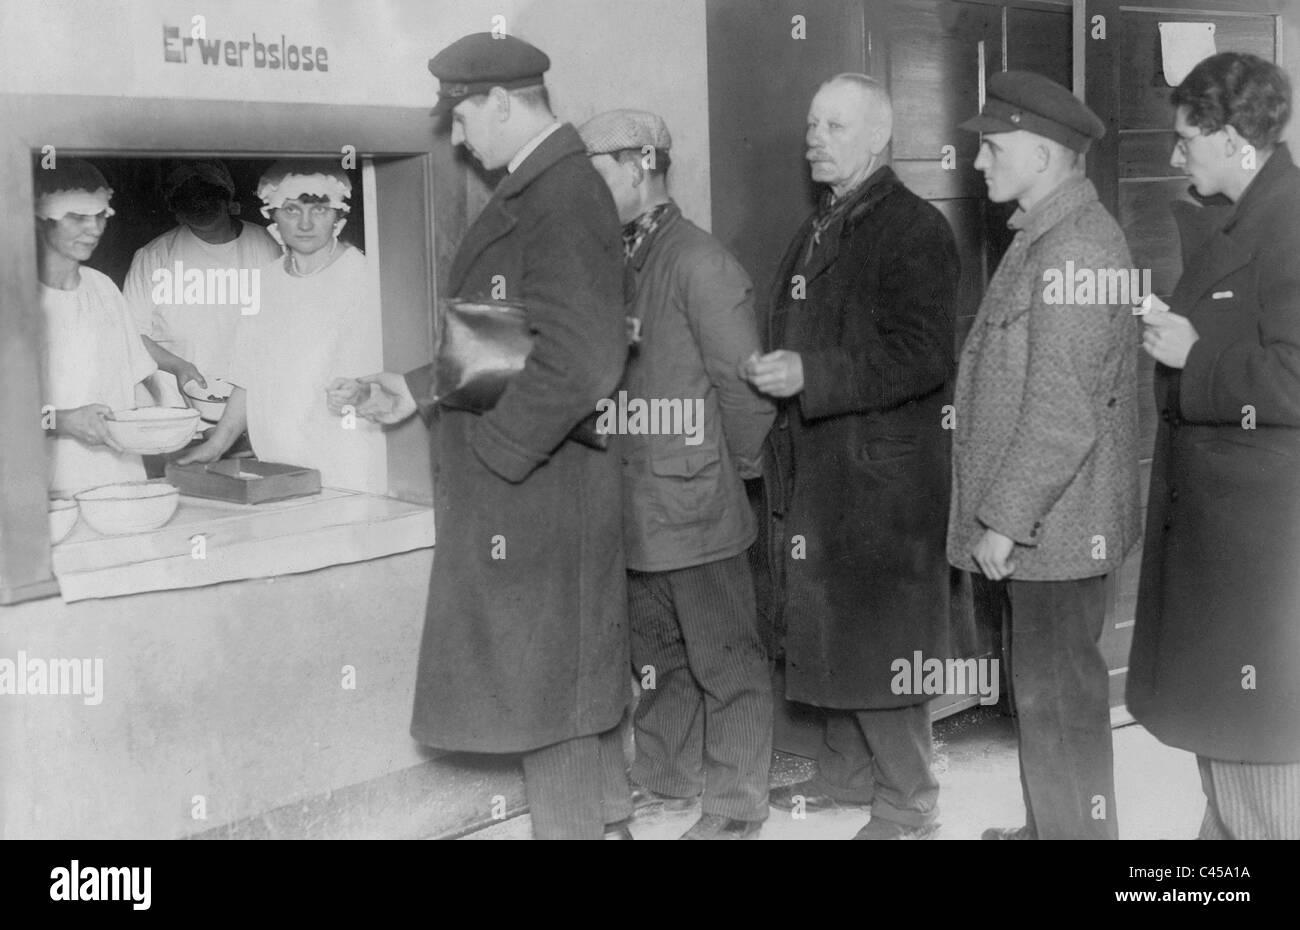 Suppenküche Berlin Arbeitslosen Vor Einer Suppenküche In Berlin 1930  Stockfoto Bild